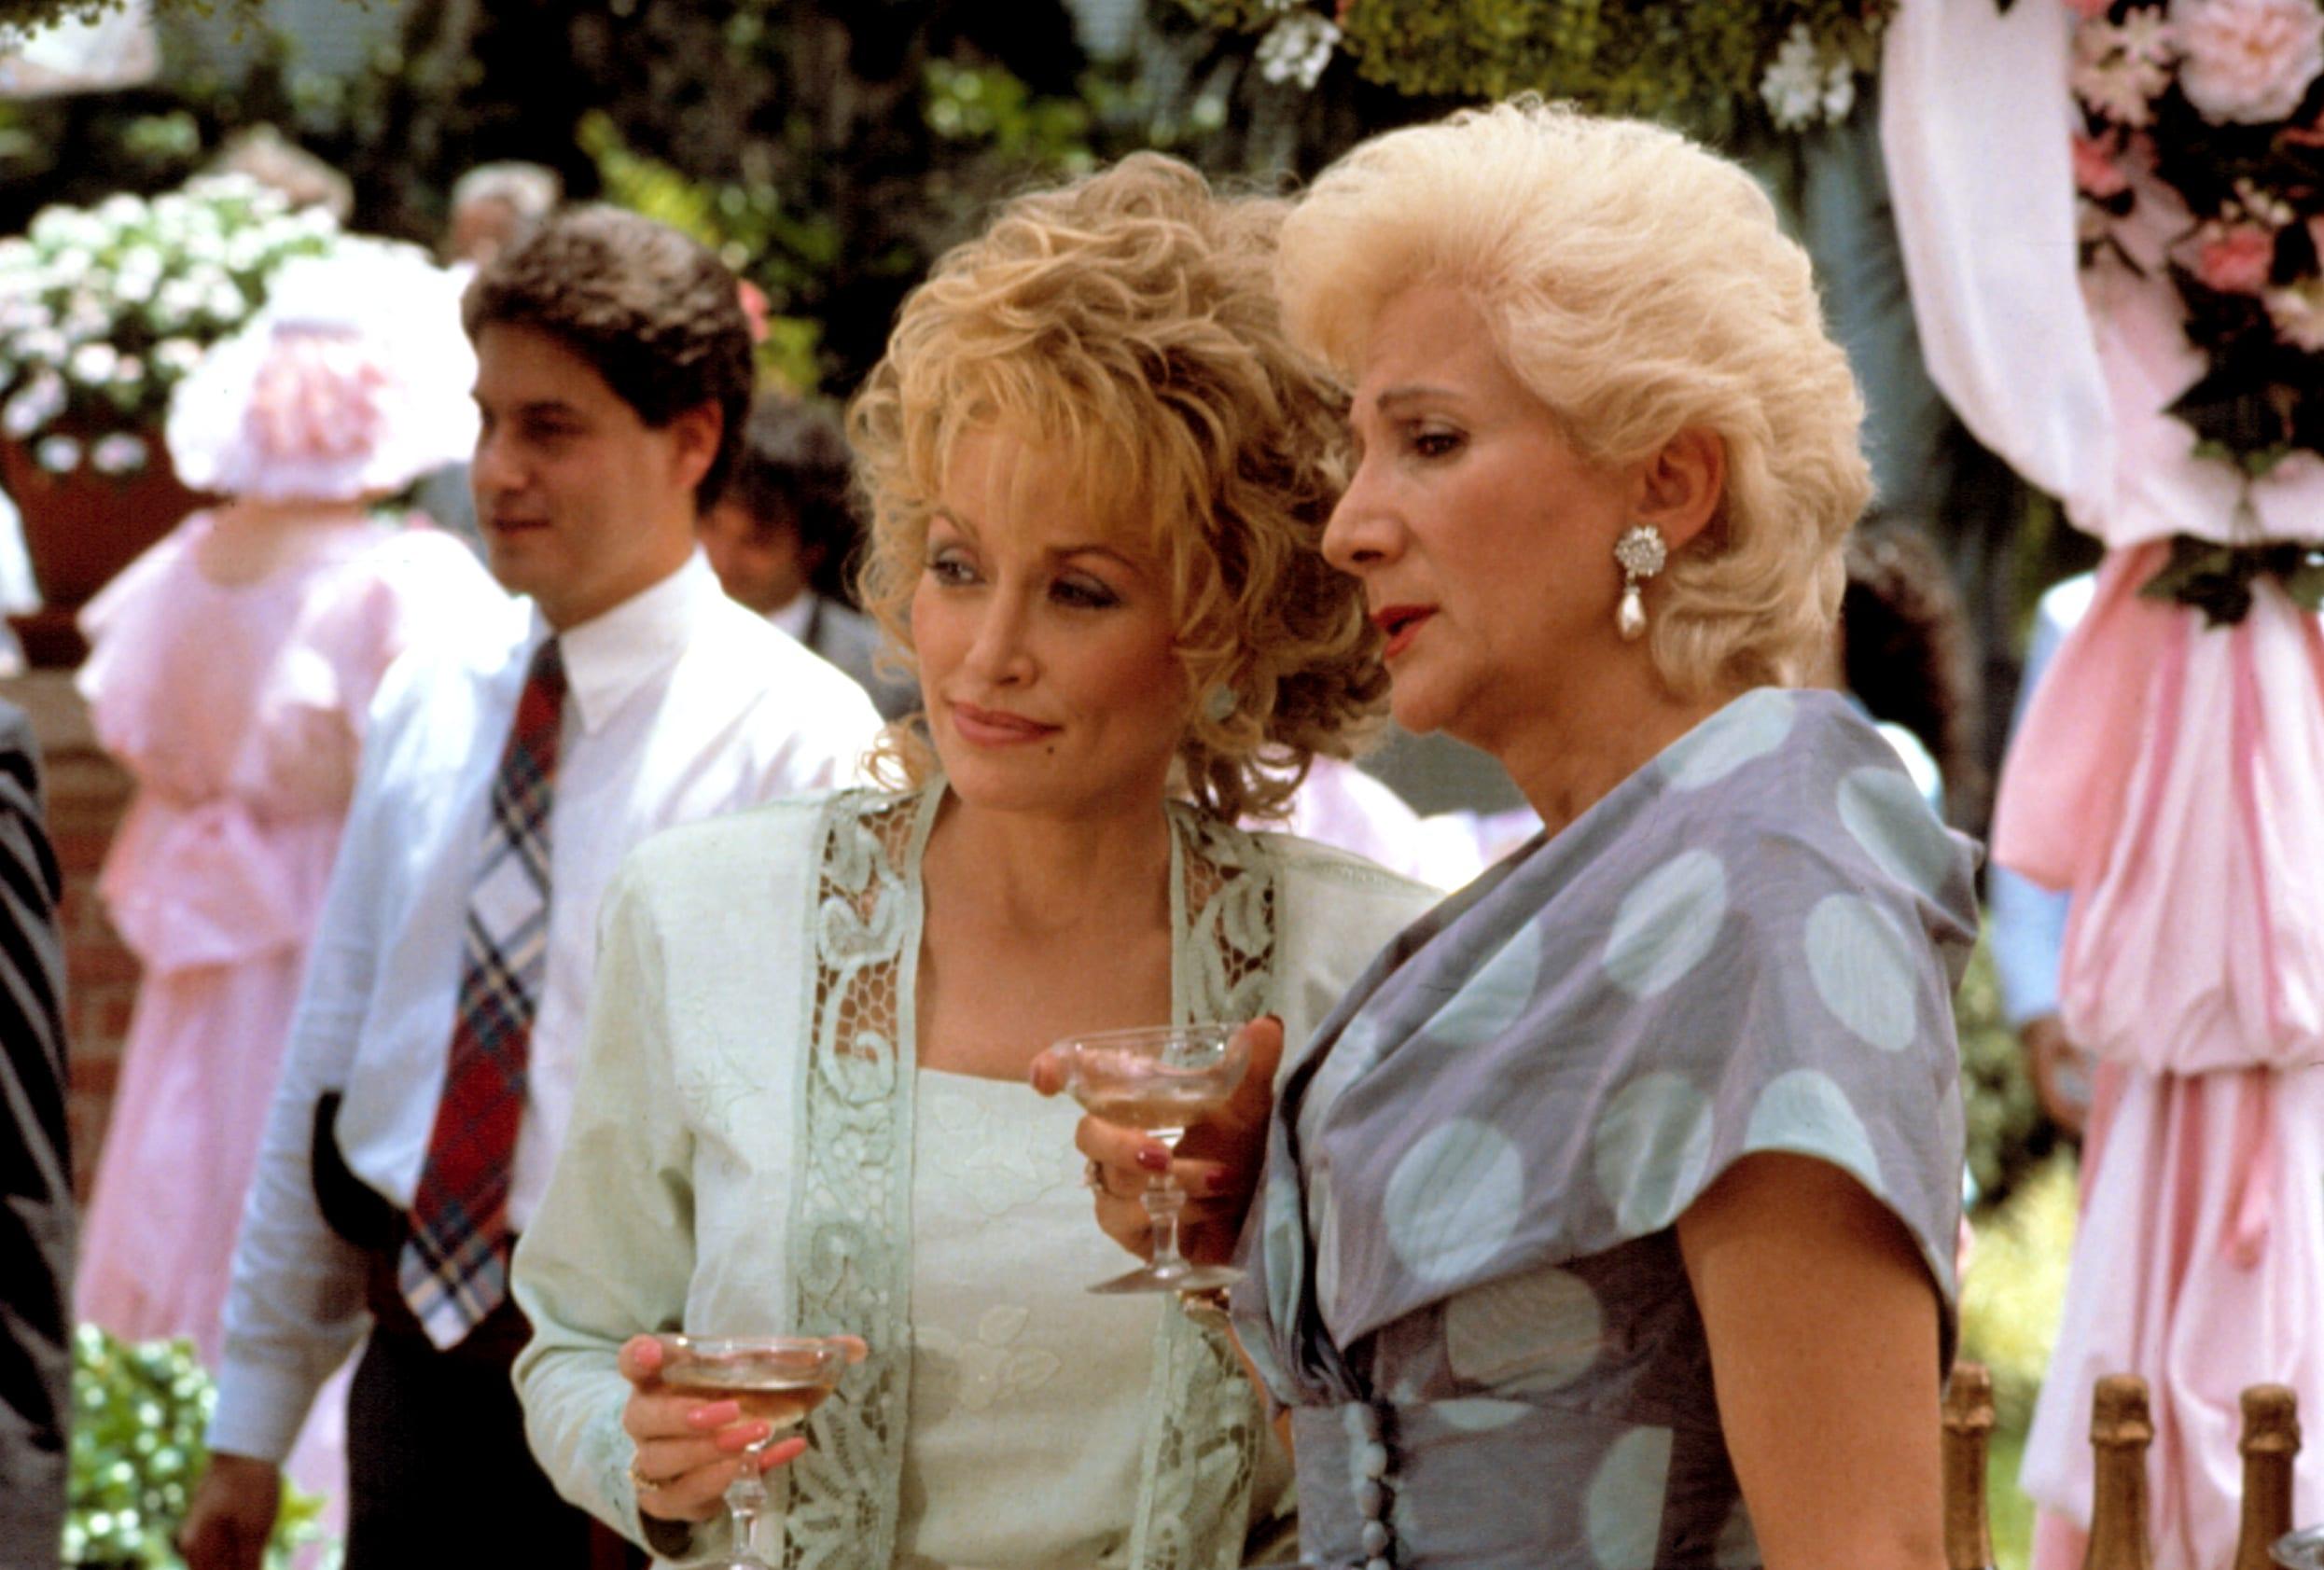 STEEL MAGNOLIAS, Dolly Parton, Olympia Dukakis, 1989